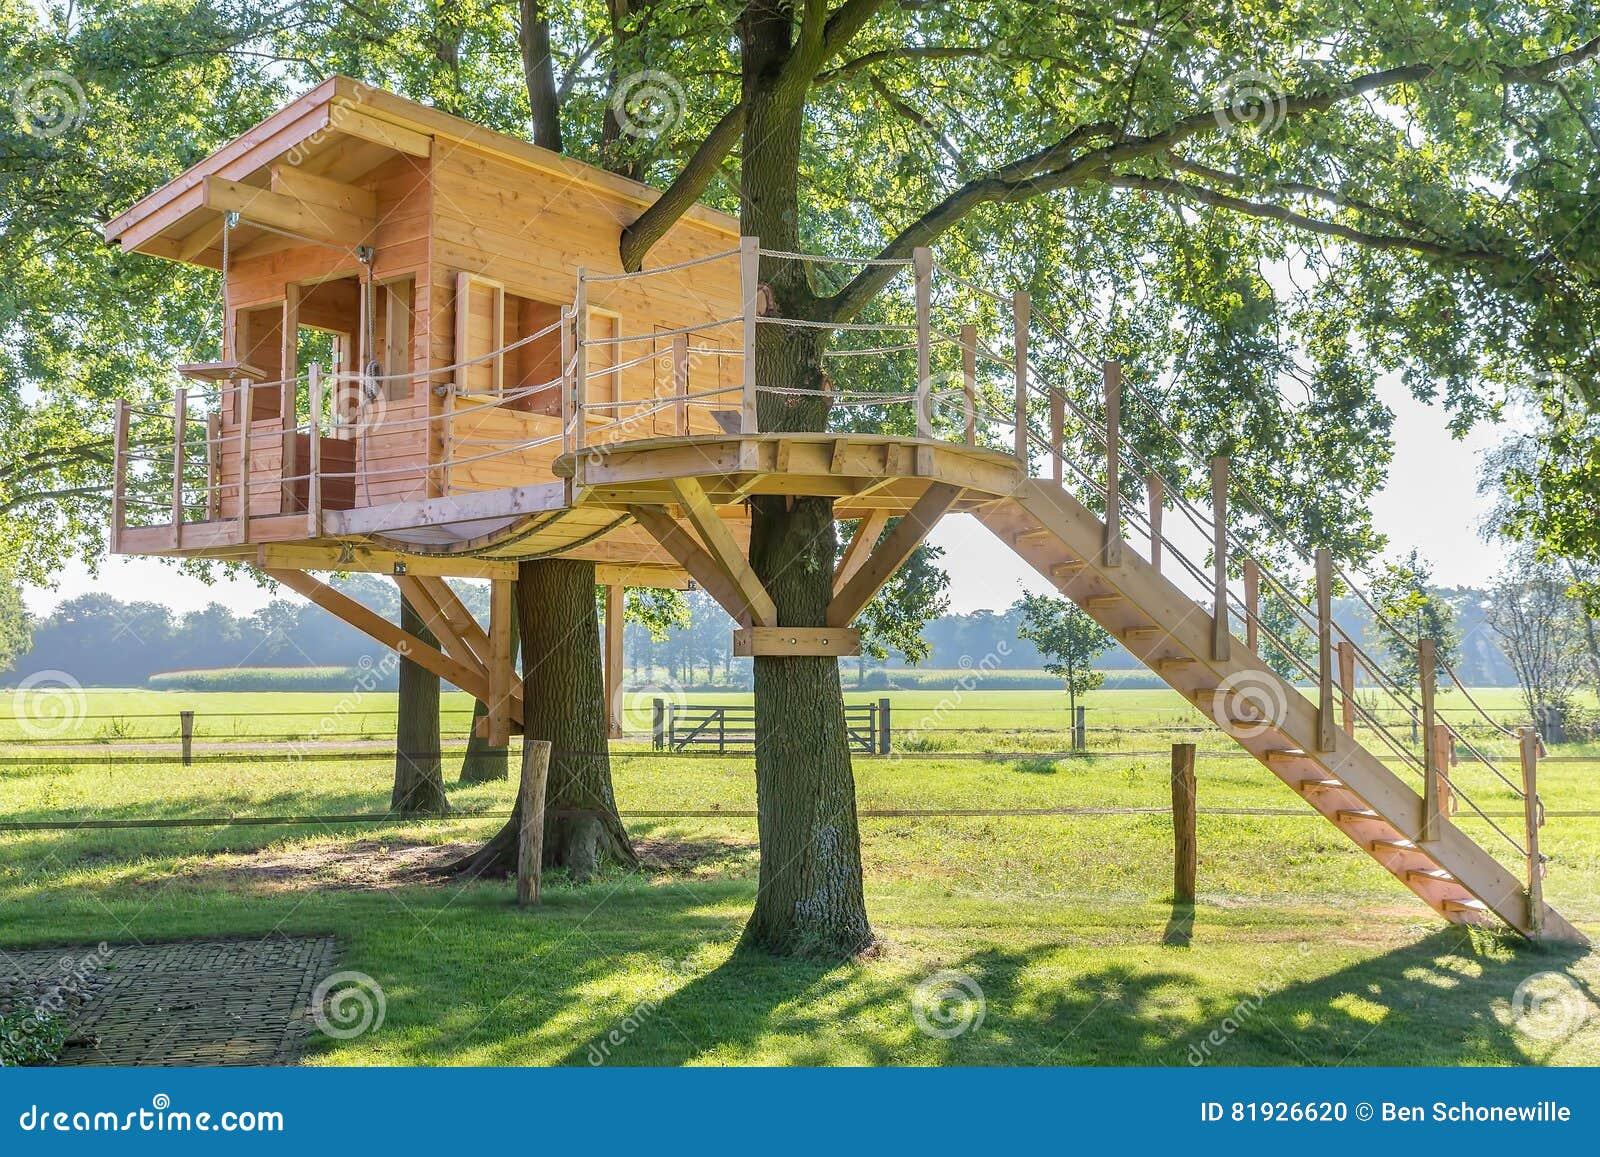 Casa sull 39 albero di legno in quercia con erba fotografia stock immagine di percorso granaio - Casa sull albero airbnb ...